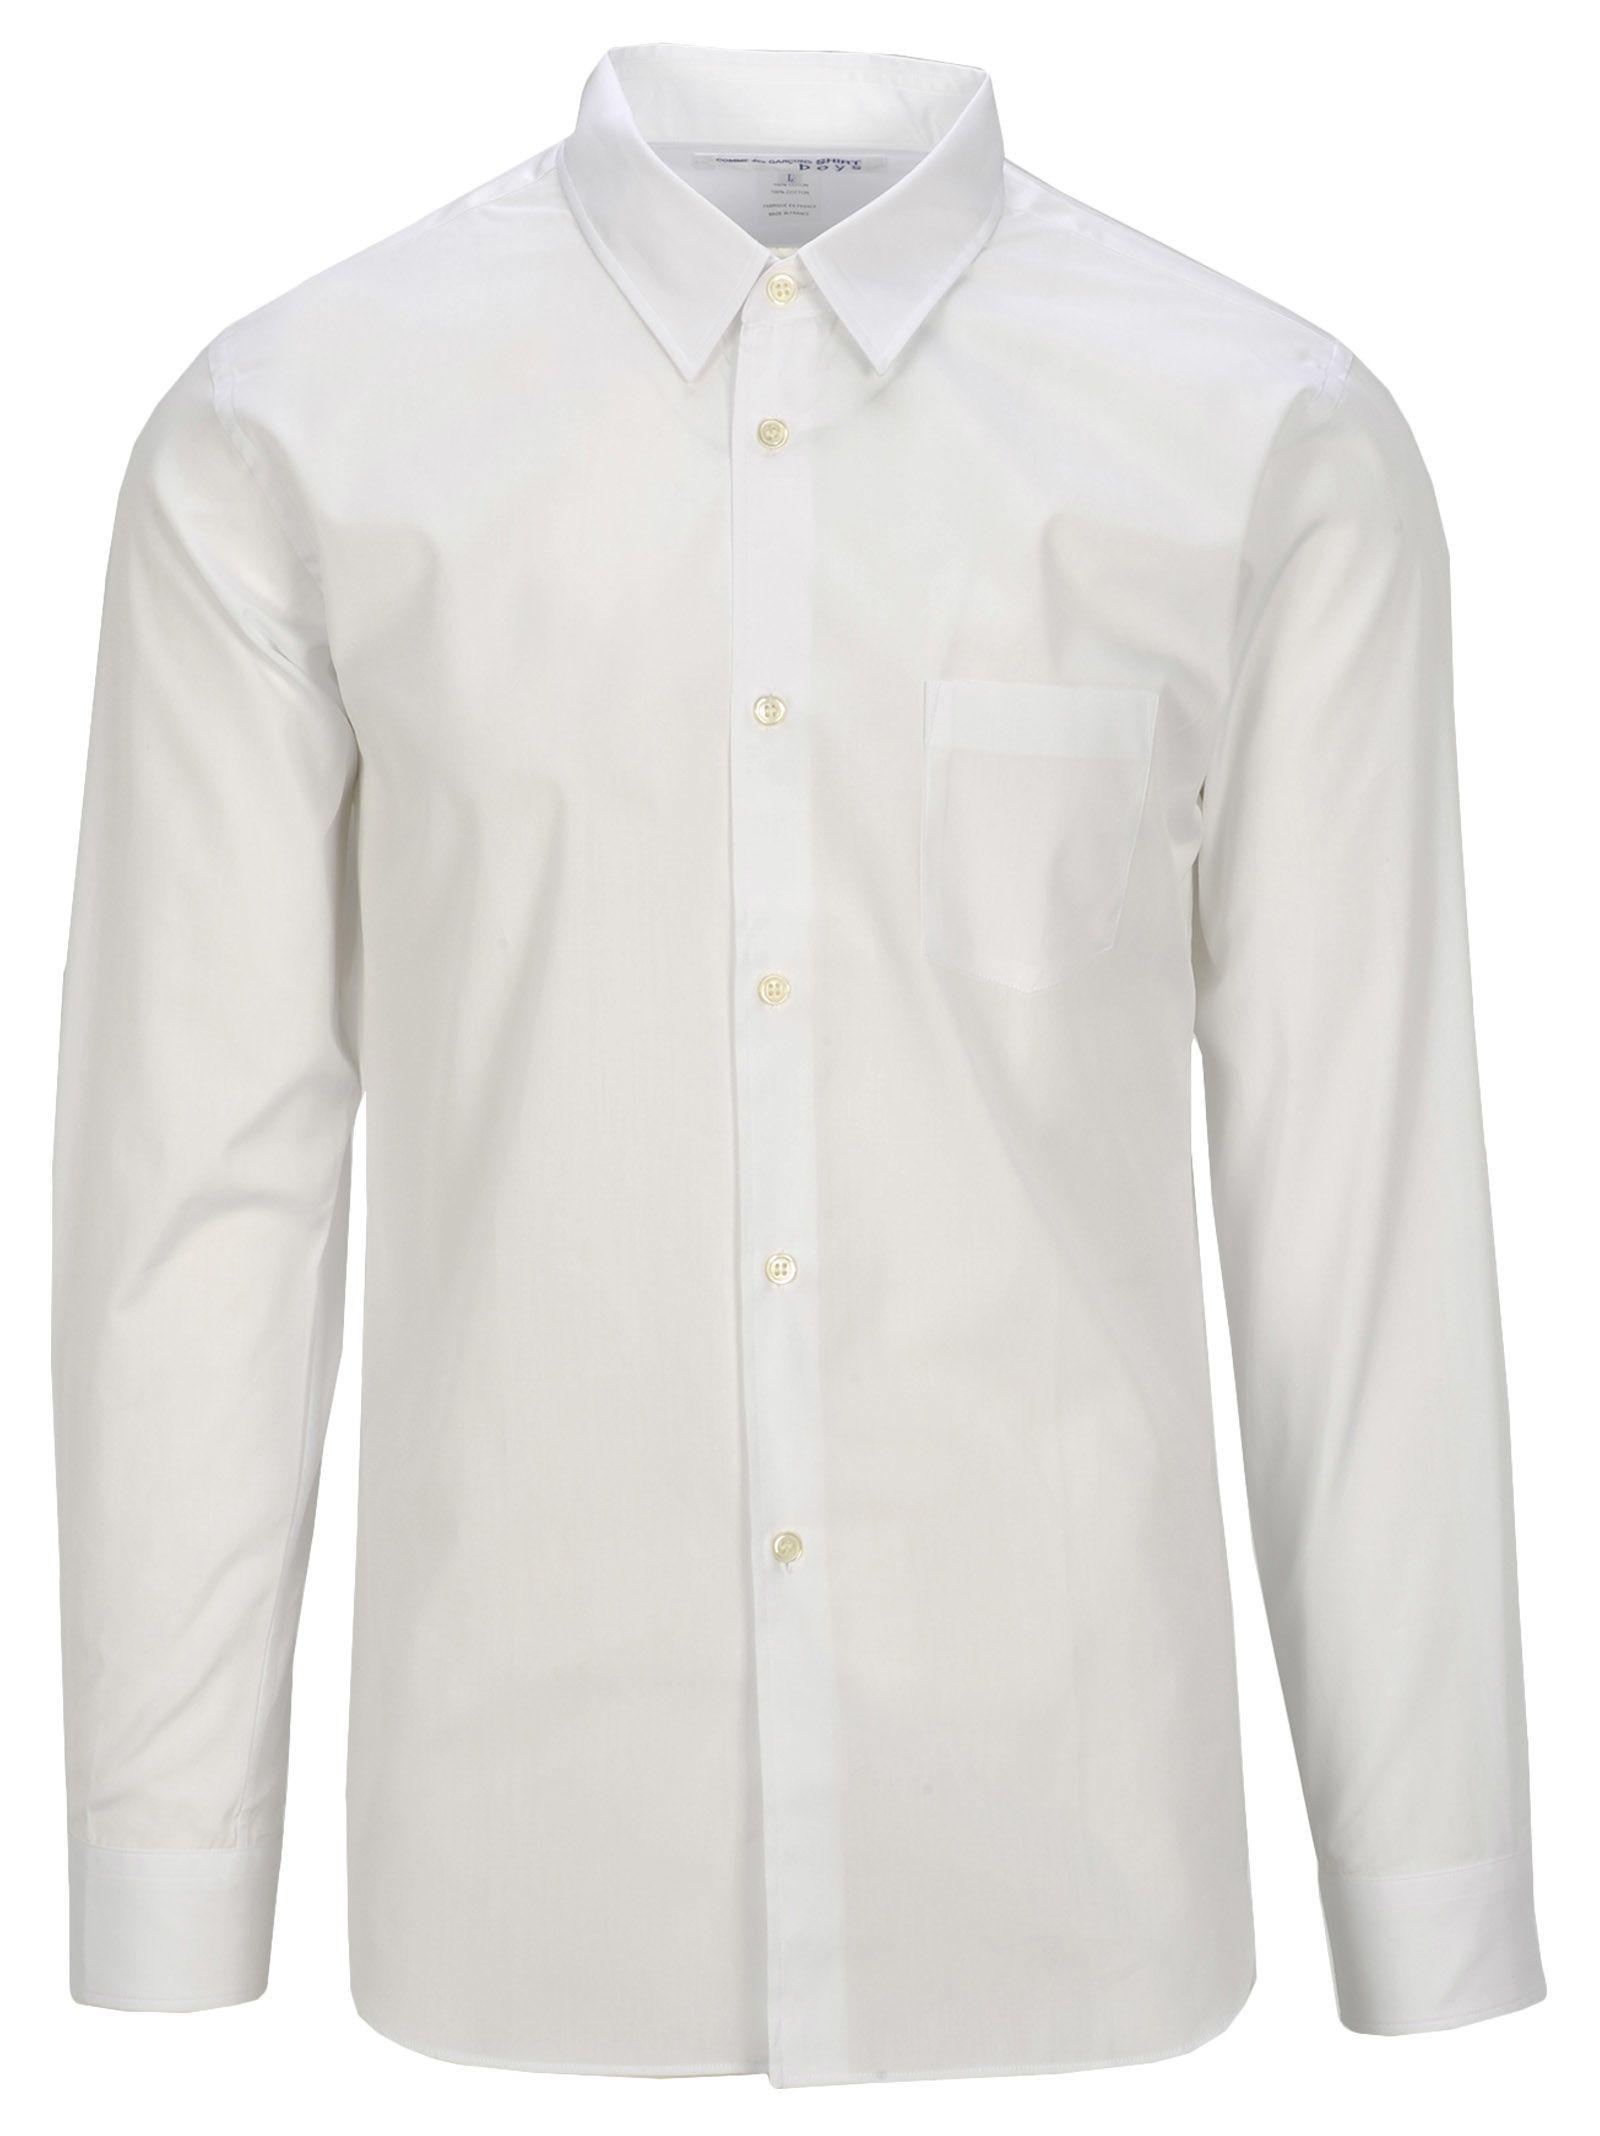 COMME DES GARÇONS BOYS Comme Des Garçons Boy Shirt Logo Back in White